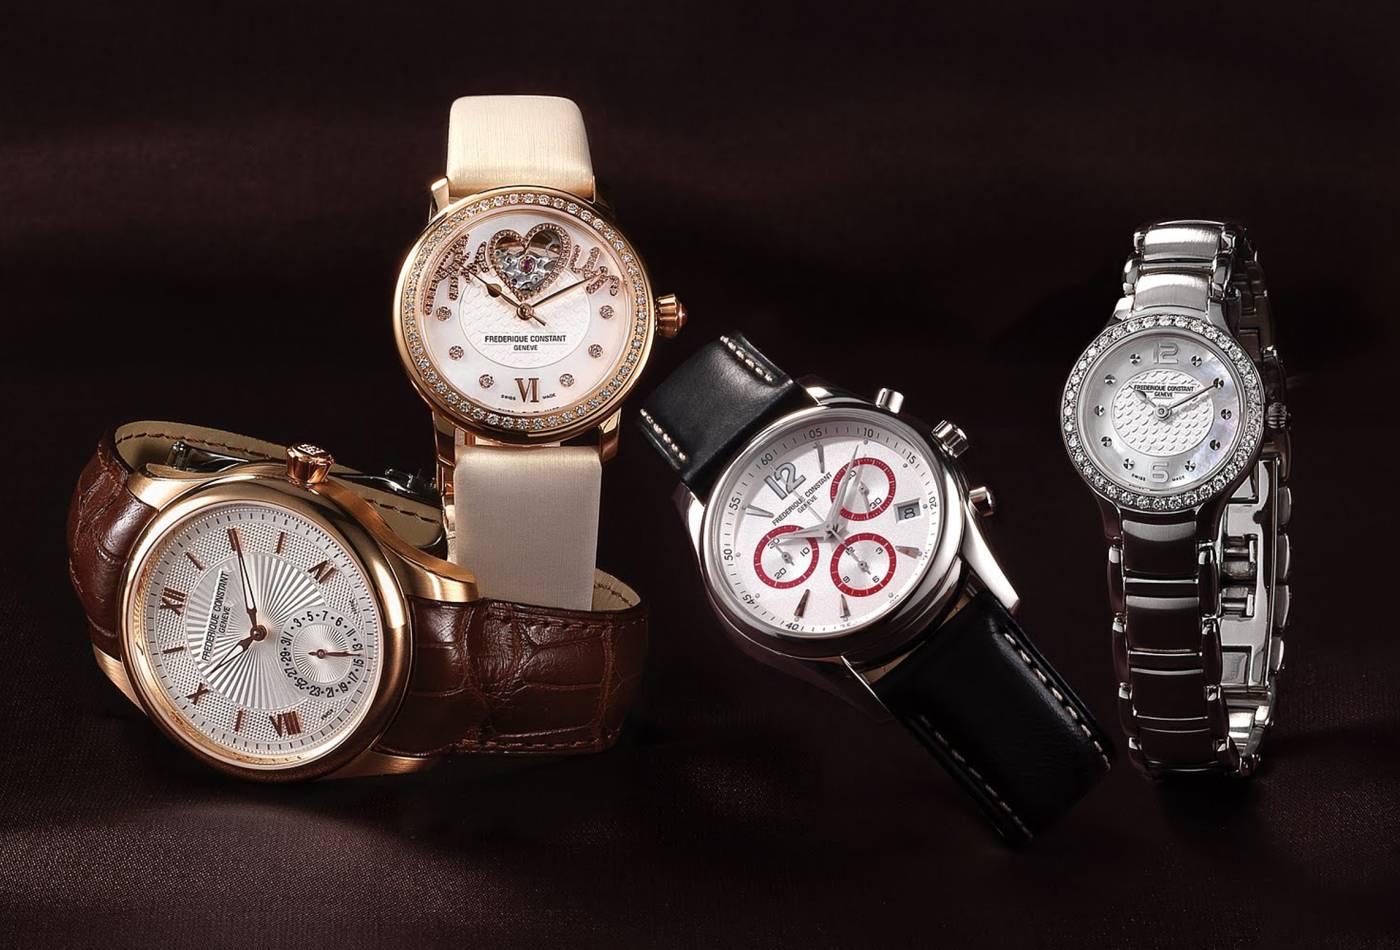 Женские наручные часы - разные цвета и размеры